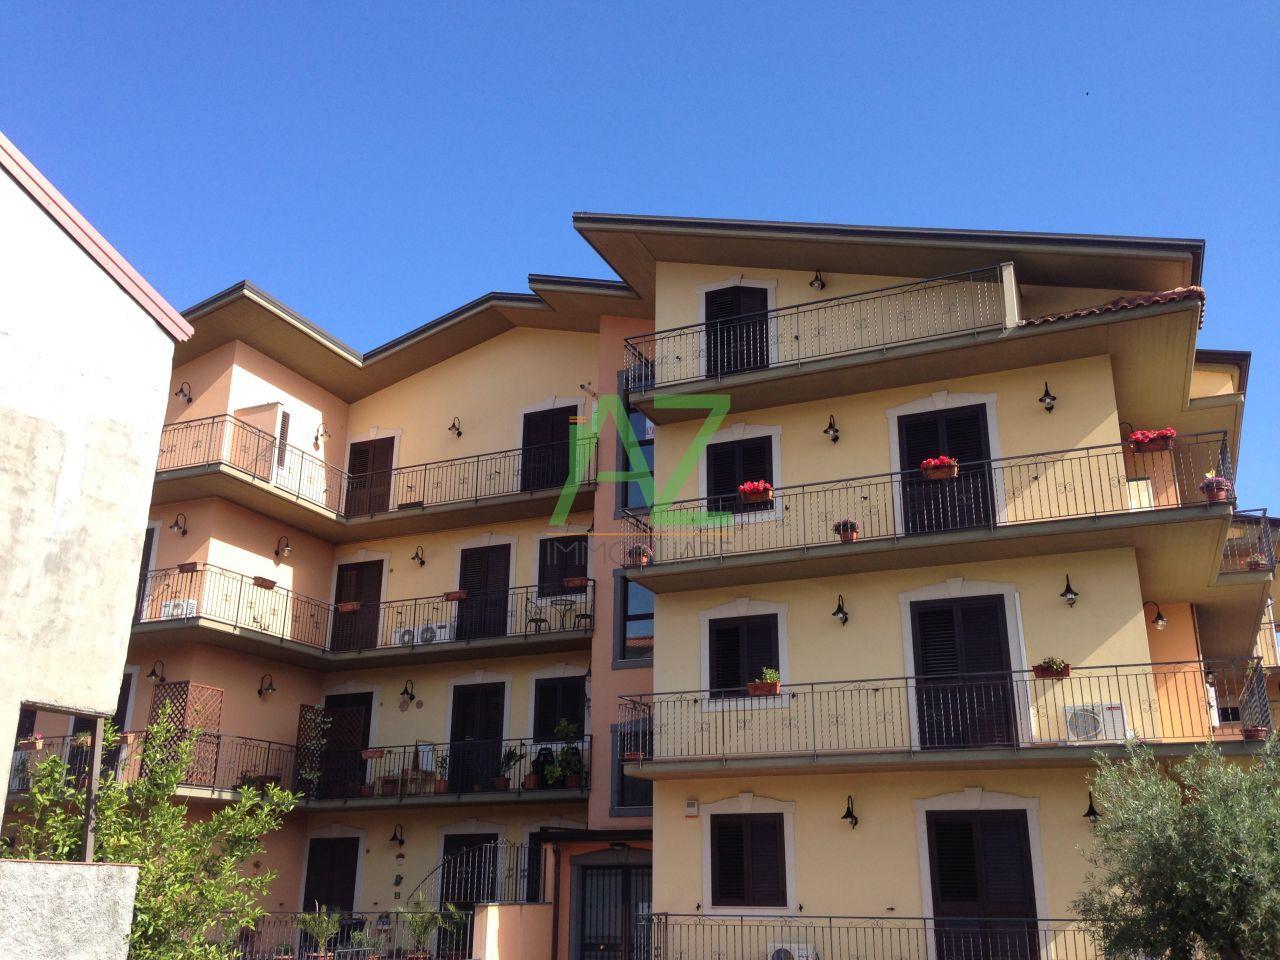 Attico / Mansarda in vendita a Belpasso, 2 locali, prezzo € 80.000 | Cambio Casa.it